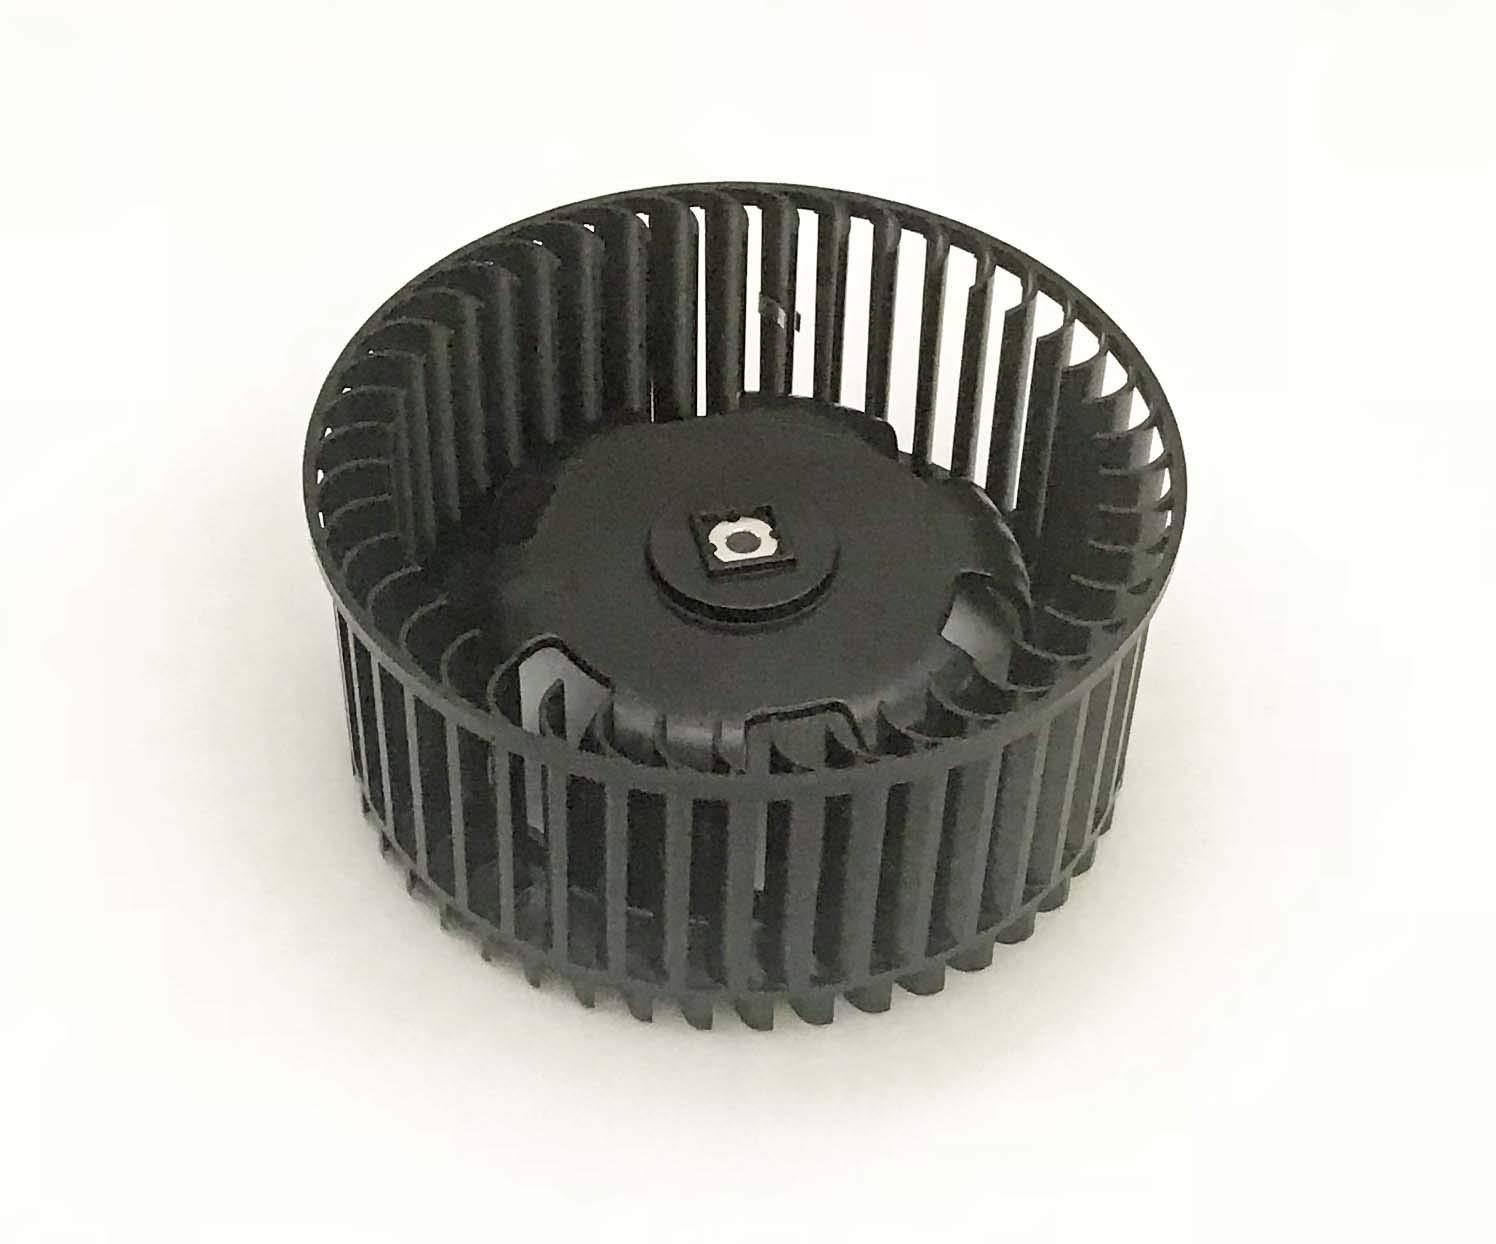 OEM Haier Dehumidifier Blower Fan Wheel Specifically For HEN30ETL, HEN30ETT, HEN30ET by Haier